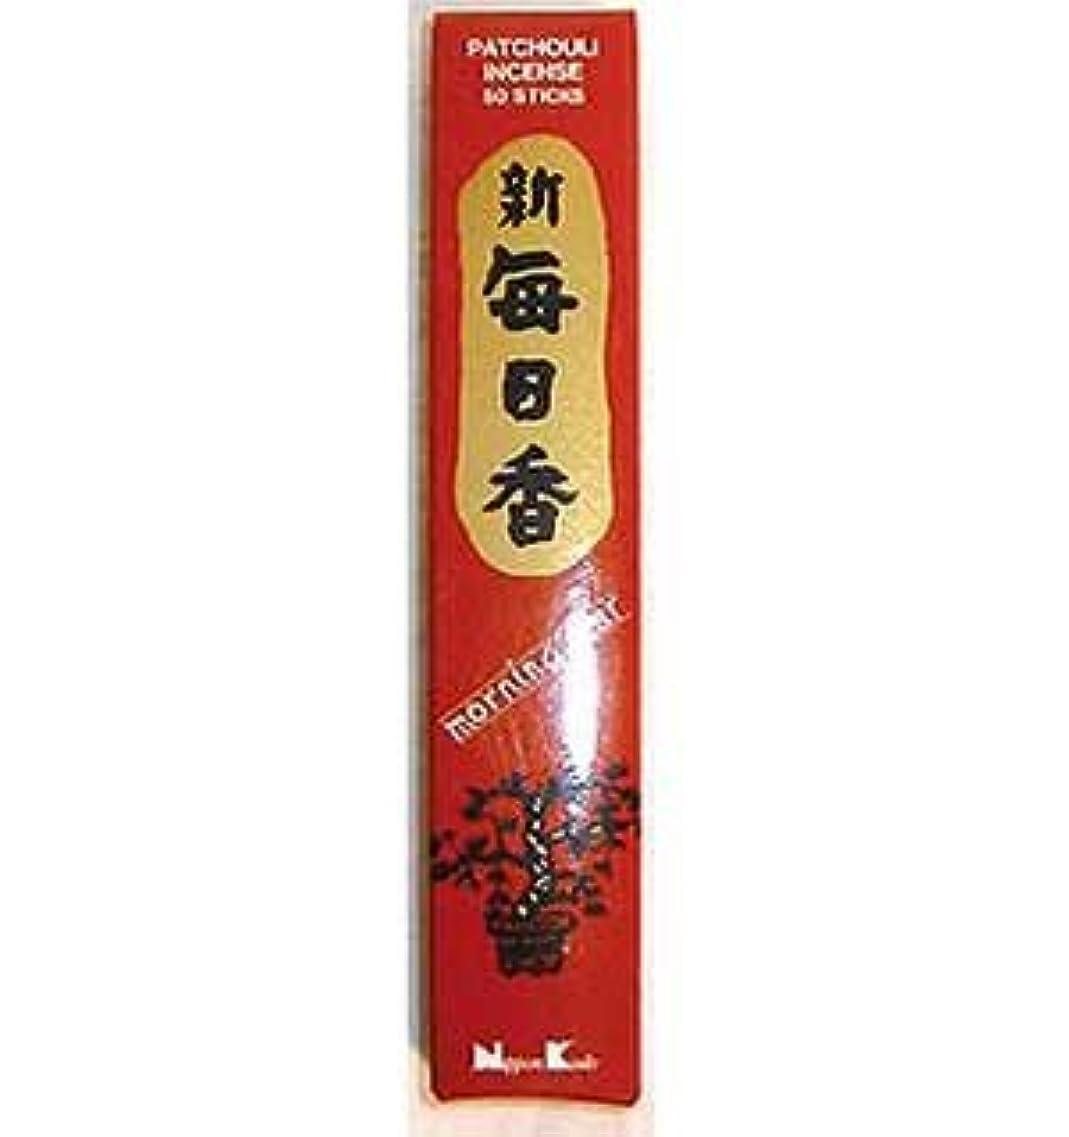 サーキュレーション祝福セッティングパチュリMorning Star Stick Incense &ホルダー50パック